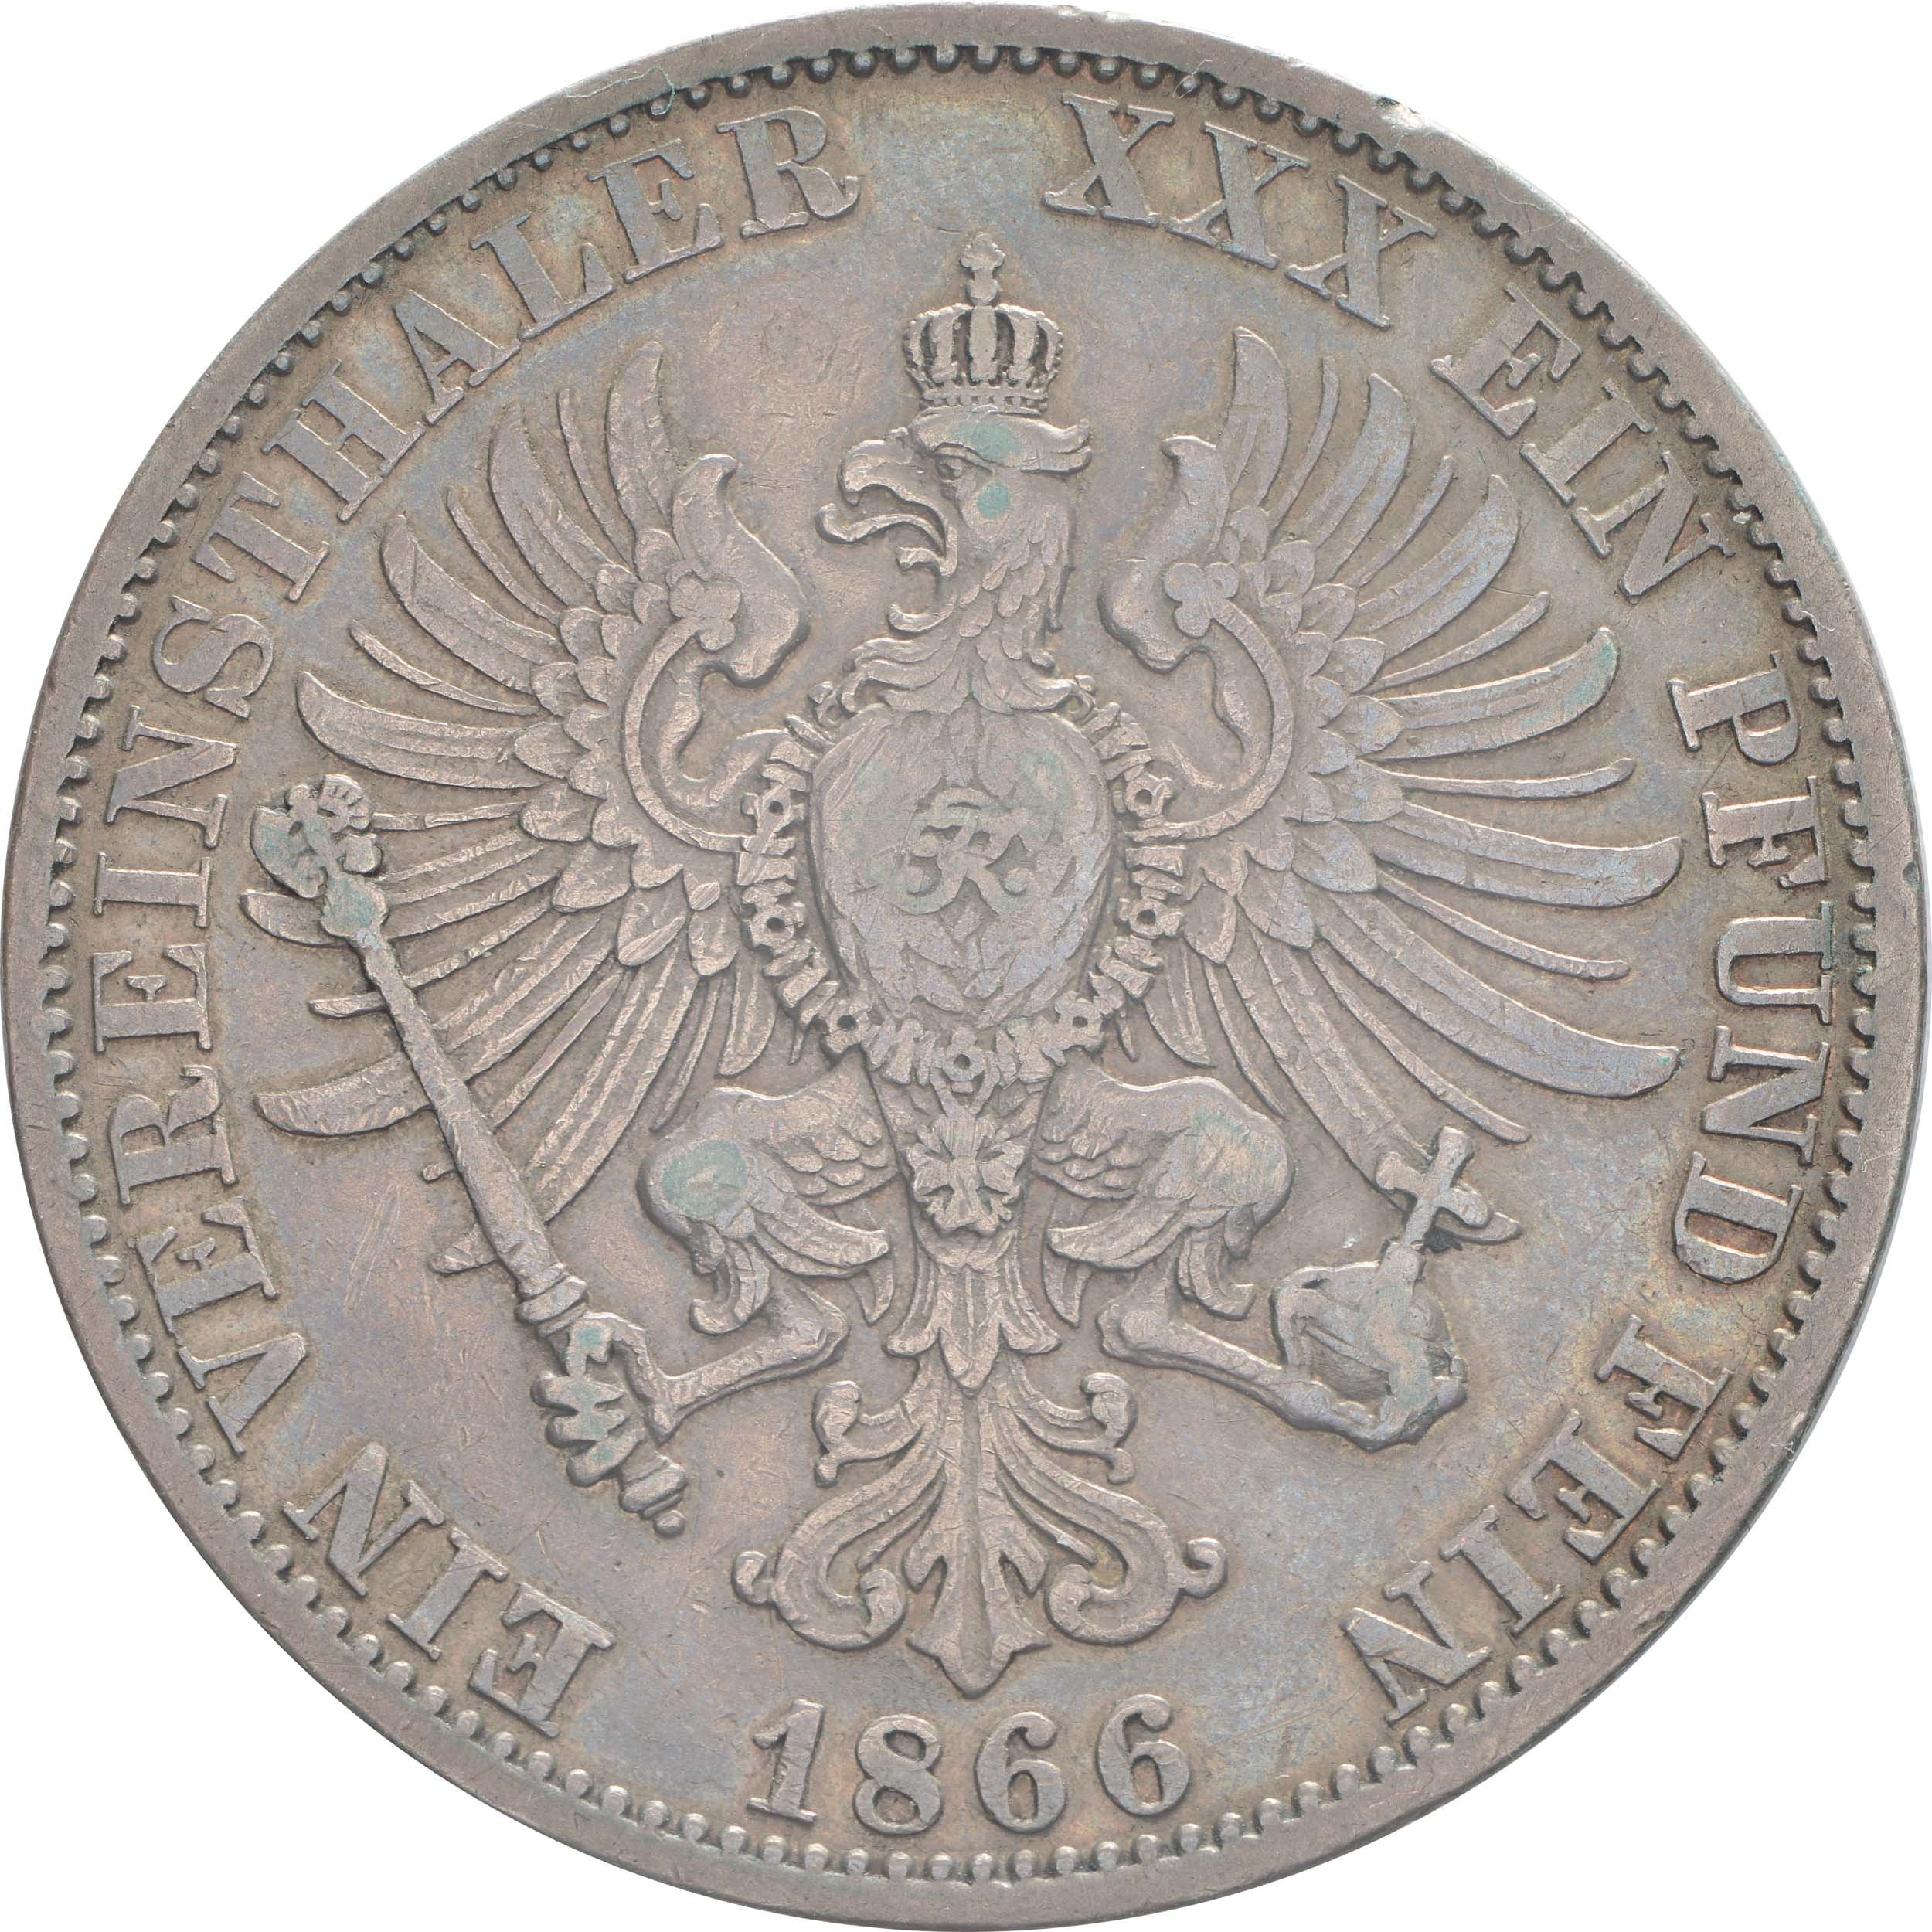 Rückseite:Deutschland : 1 Vereinstaler  patina, winz. Rs. 1866 vz.